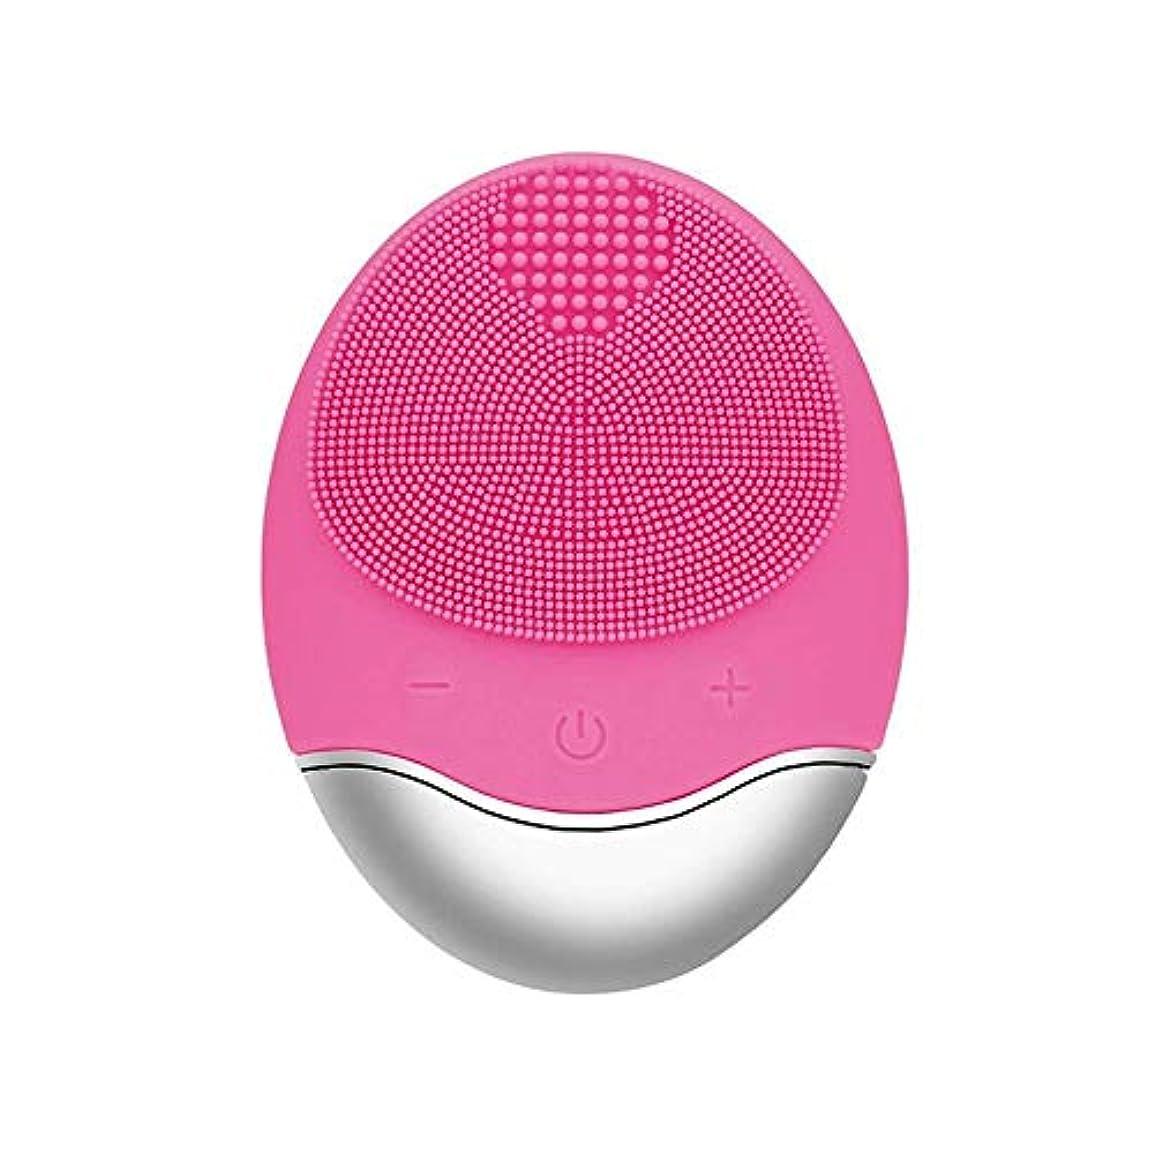 発見する人口何故なのZXF 新しい竹炭クレンジング楽器クレンジングポア充電式電気シリコーンにきびクレンジング楽器ピンク 滑らかである